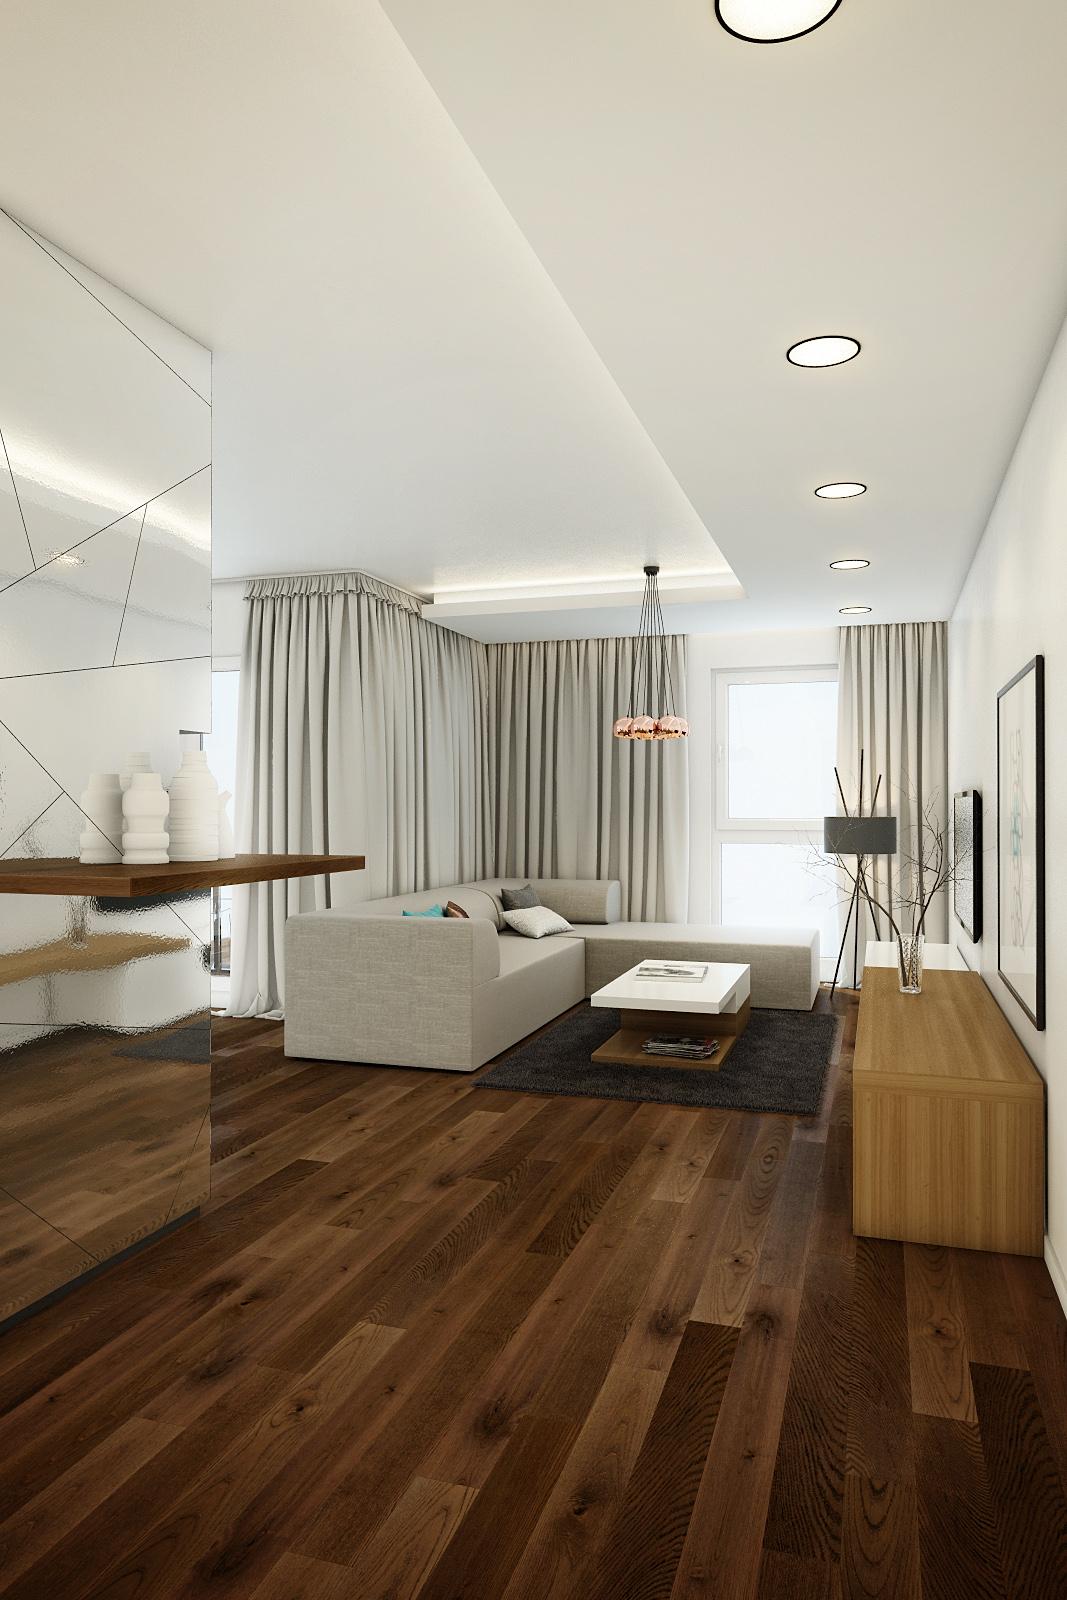 livingroom_0003 copy